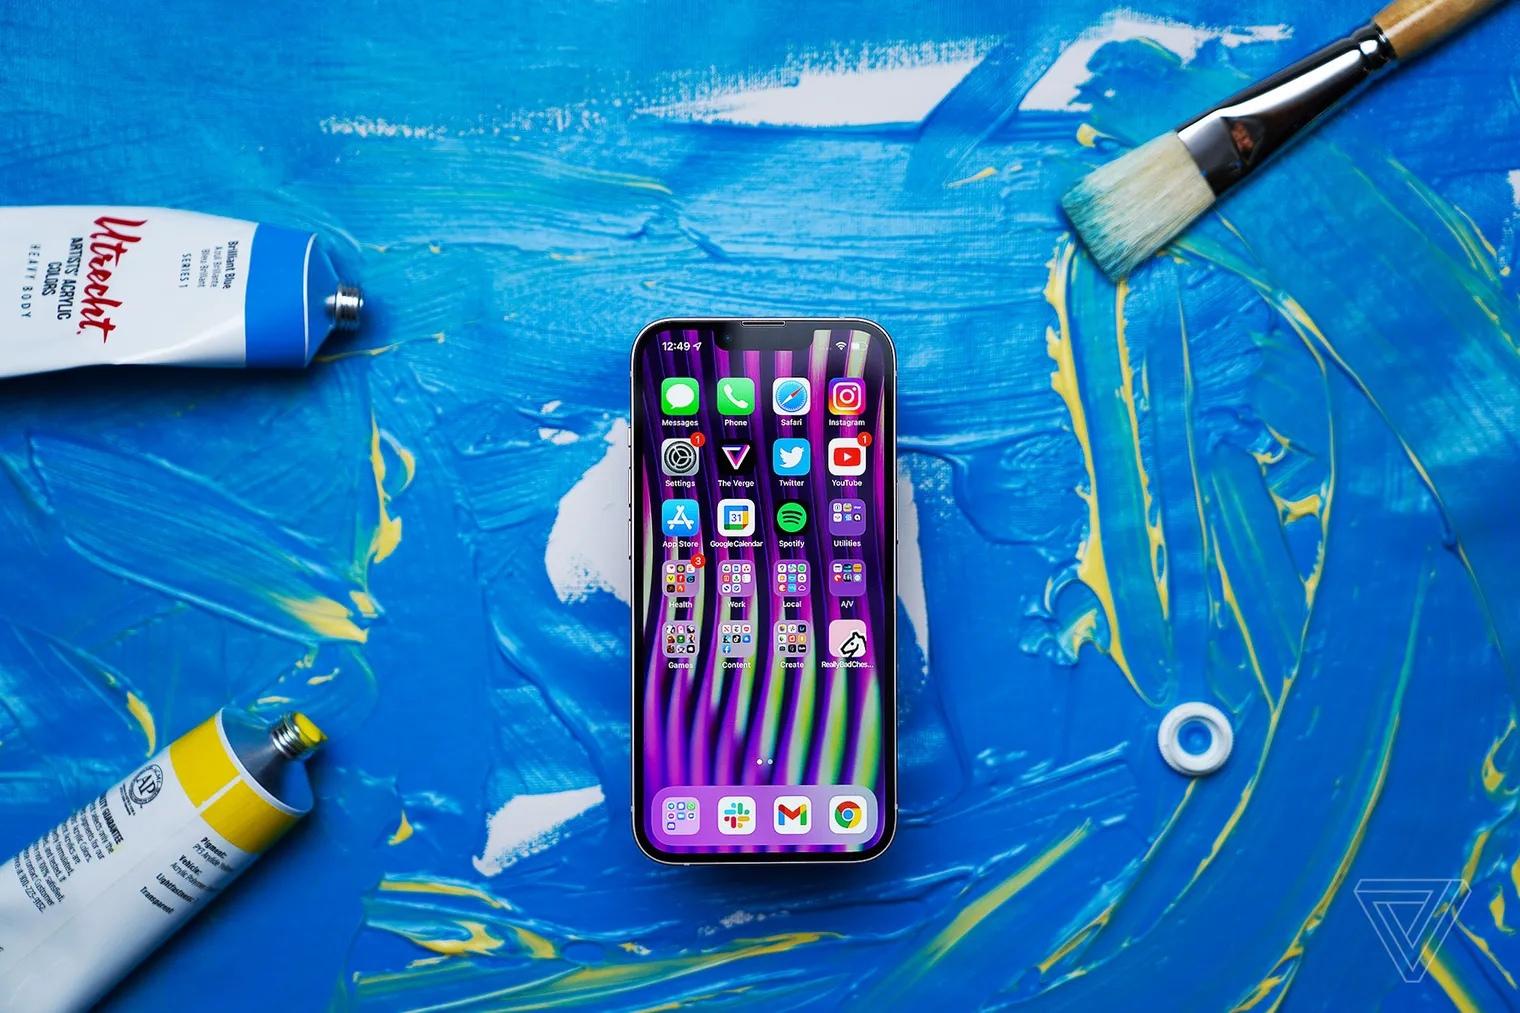 Издание Bloomberg сообщило, что Apple столкнулась с нехваткой чипов для iPhone 13